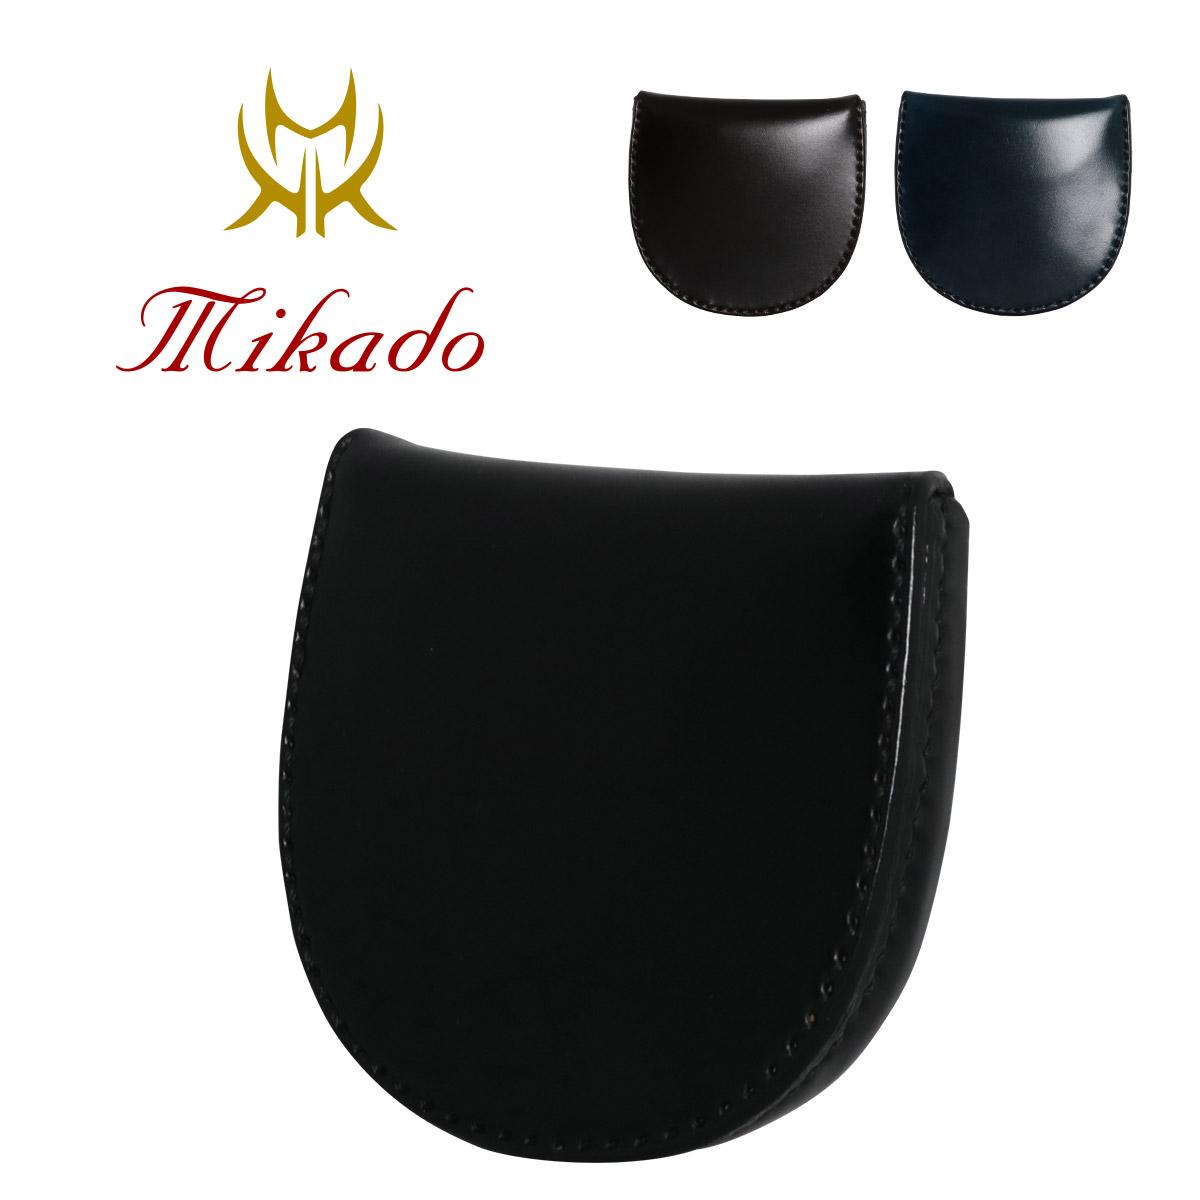 ミカド Mikado コインケース 620025 アリニンコードバン 馬蹄小銭入れ メンズ レザー [PO5][bef][即日発送]